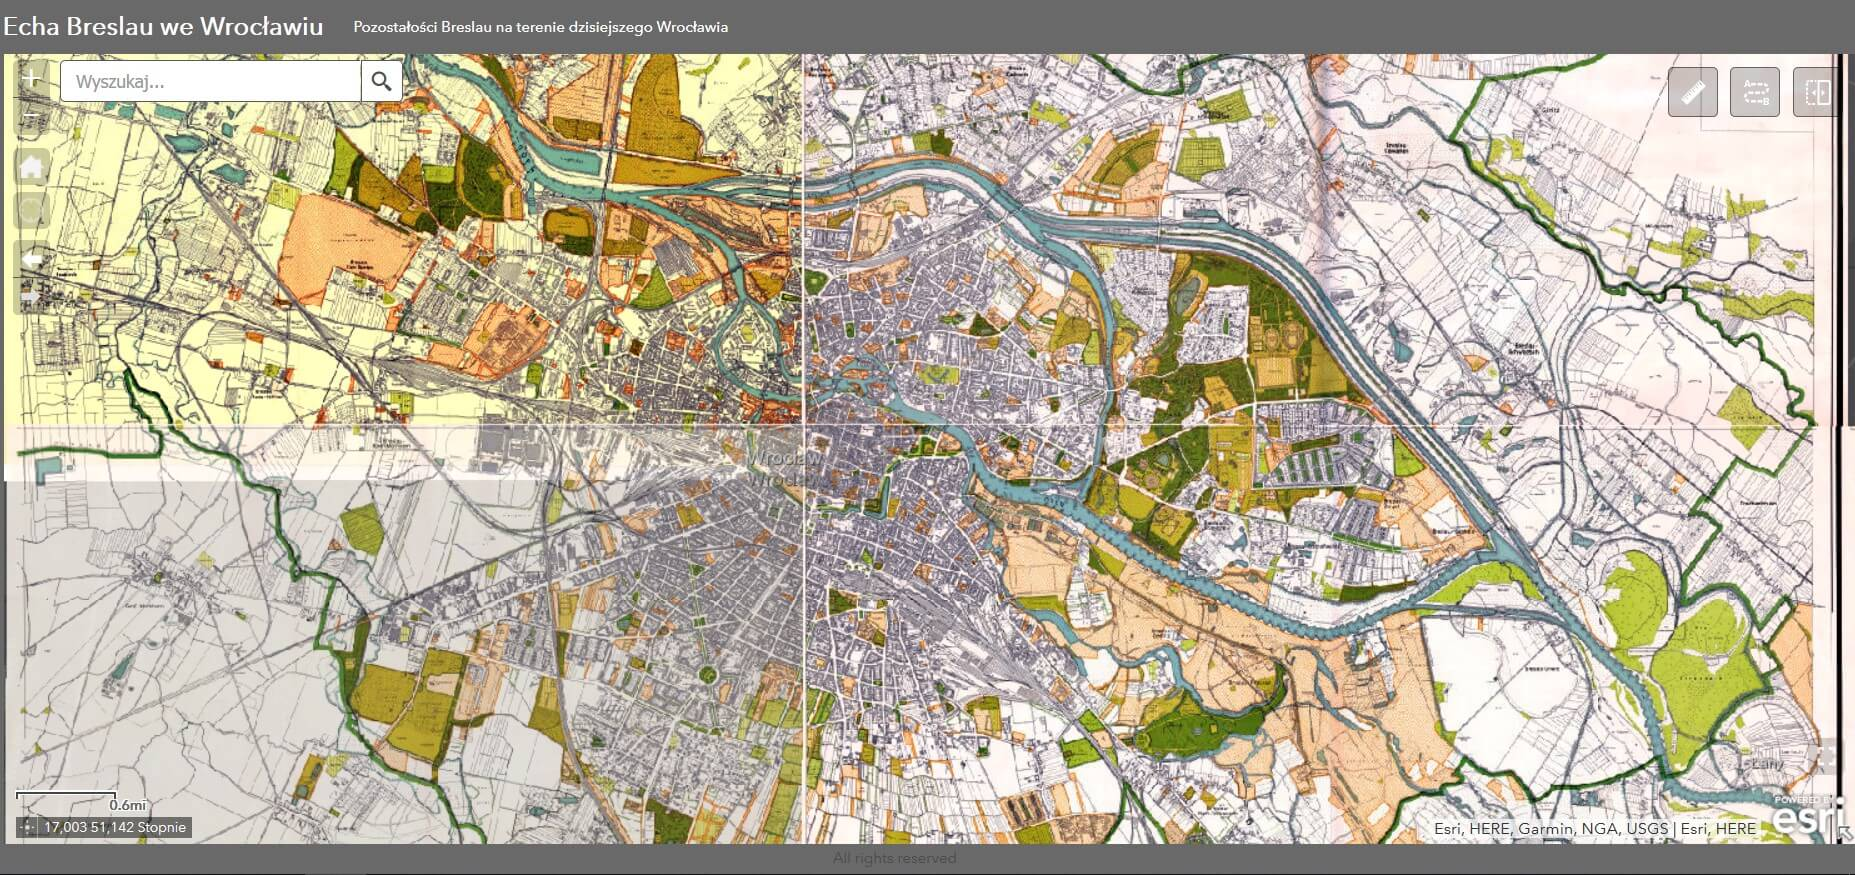 Rys. 1. Mapa Wrocławia w skali 1 do 10 000 z 1934 r.